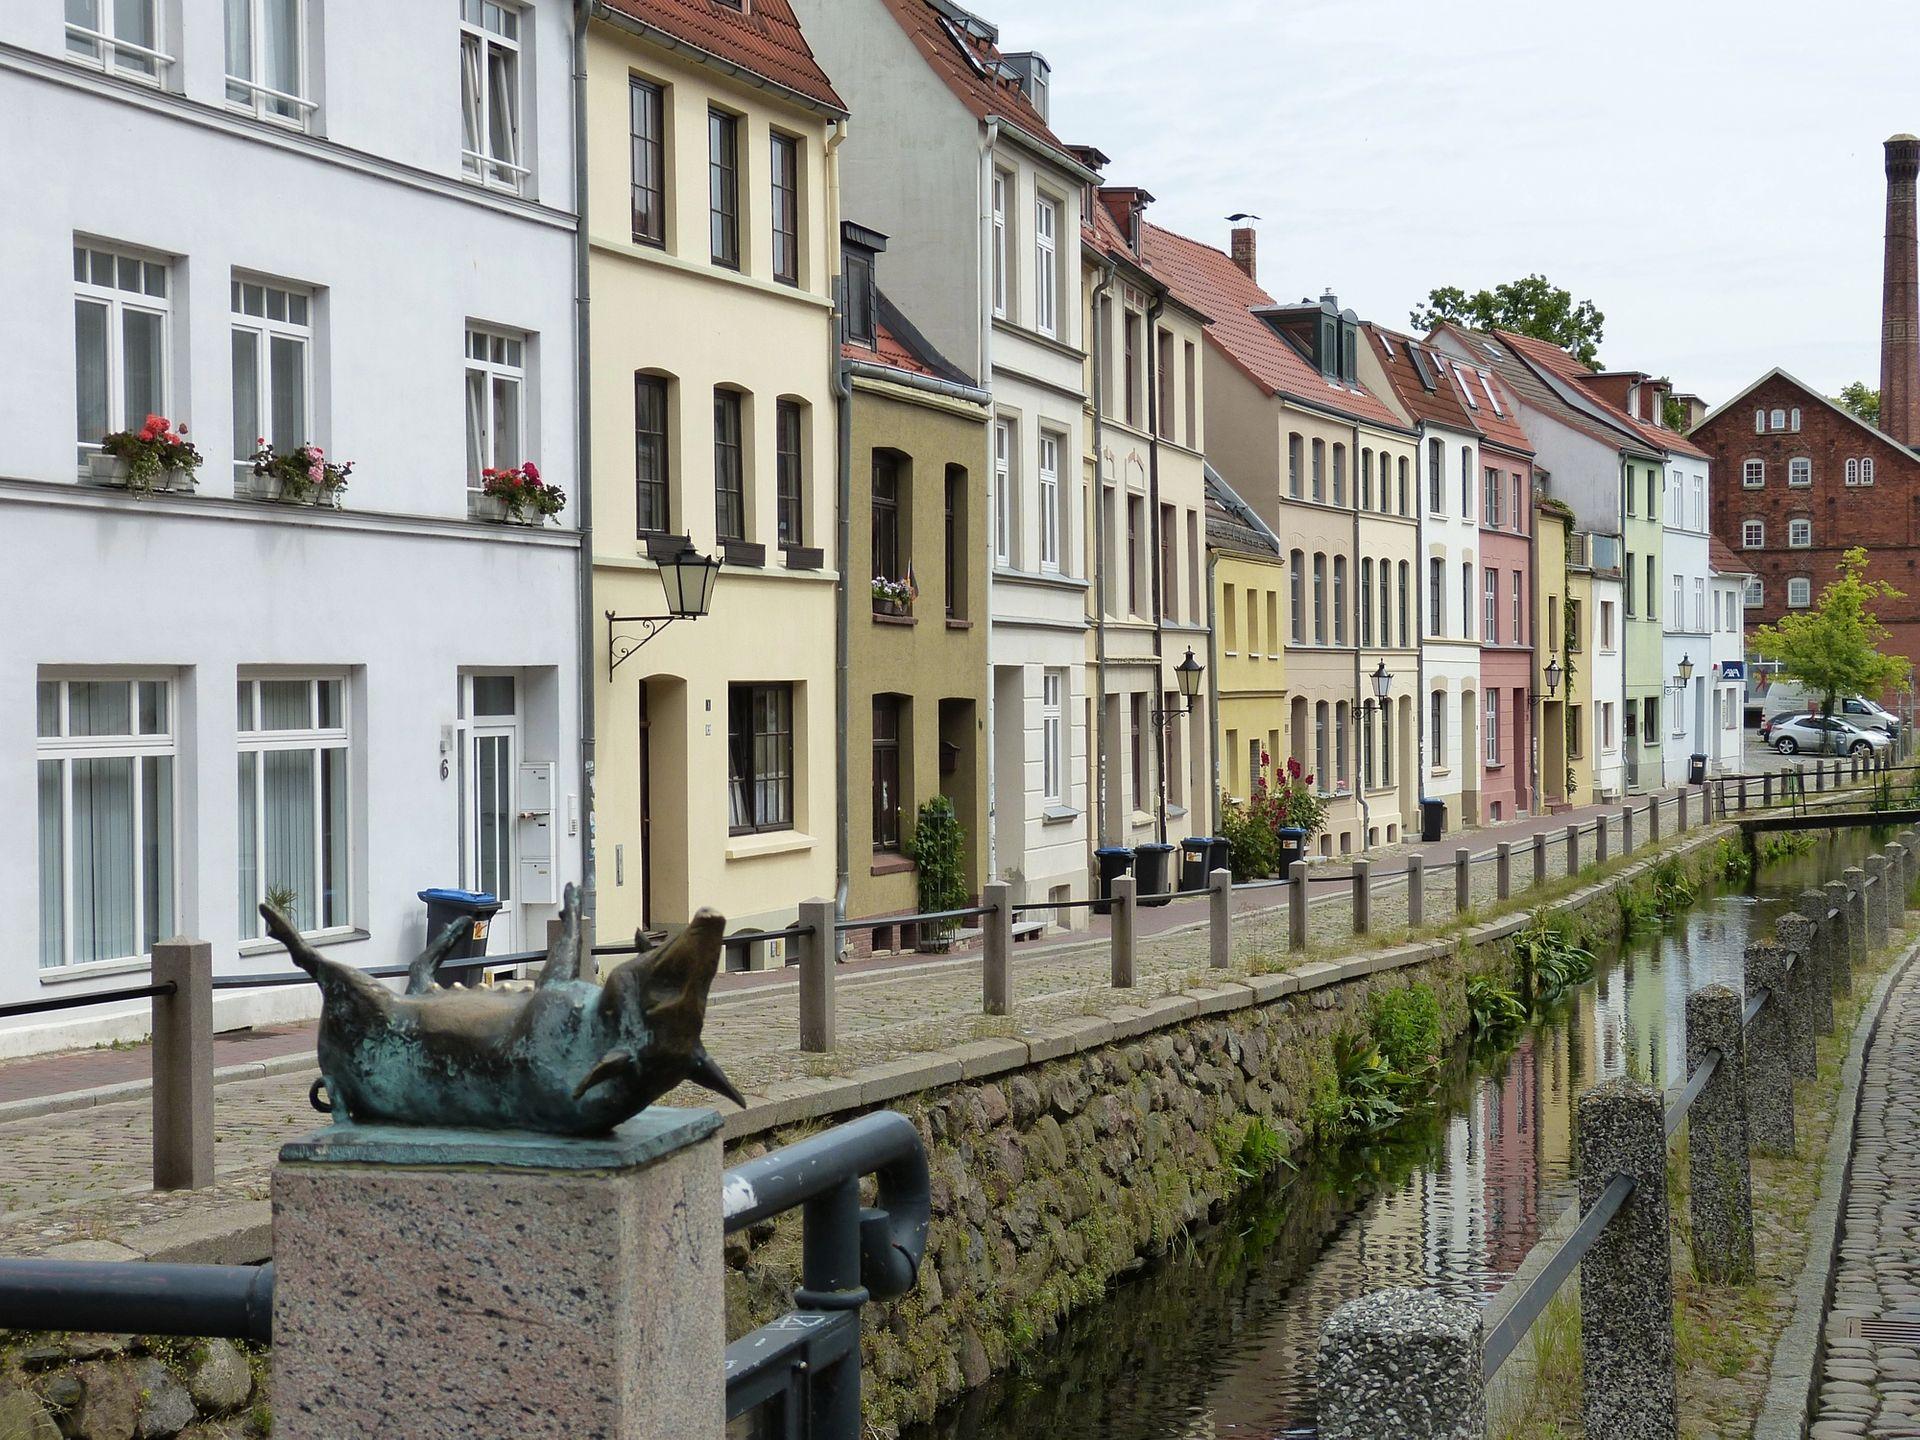 Anticimex Kammerjäger in Wismar